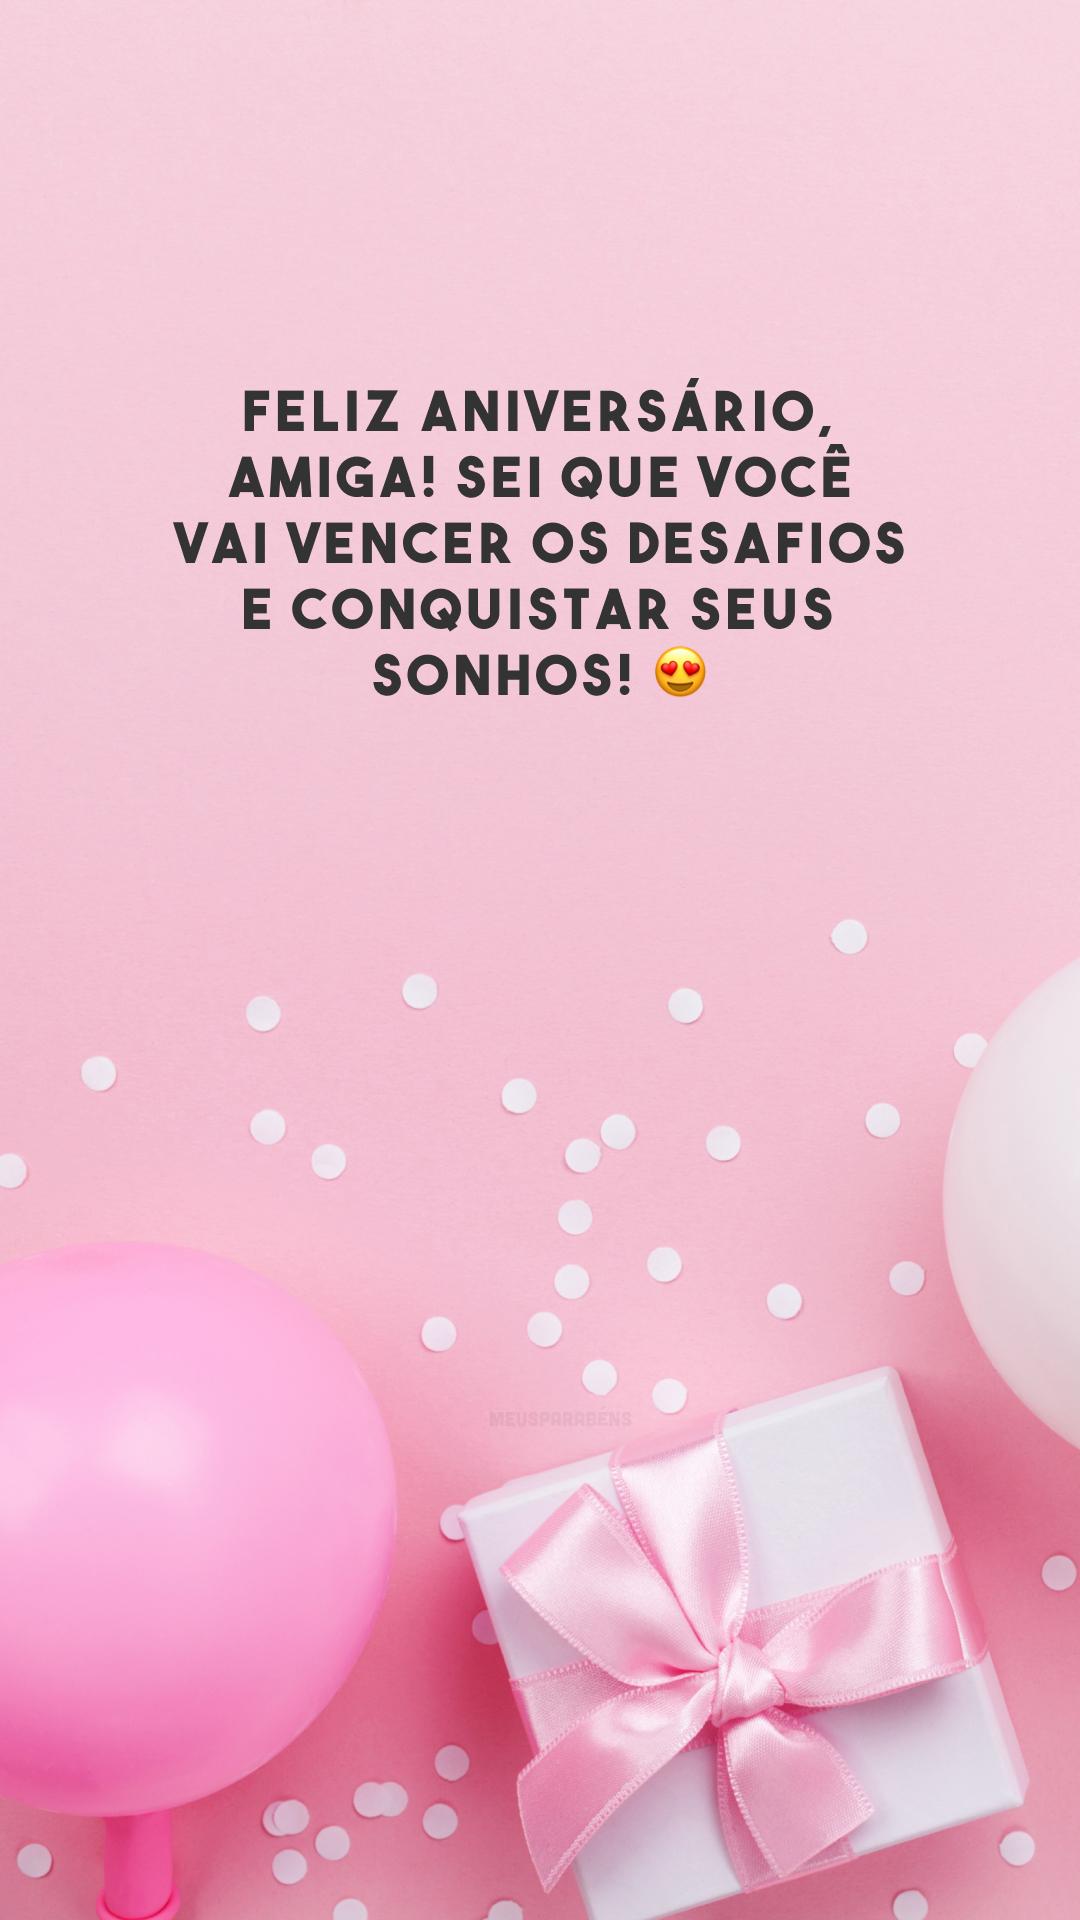 Feliz aniversário, amiga! Sei que você vai vencer os desafios e conquistar seus sonhos! 😍